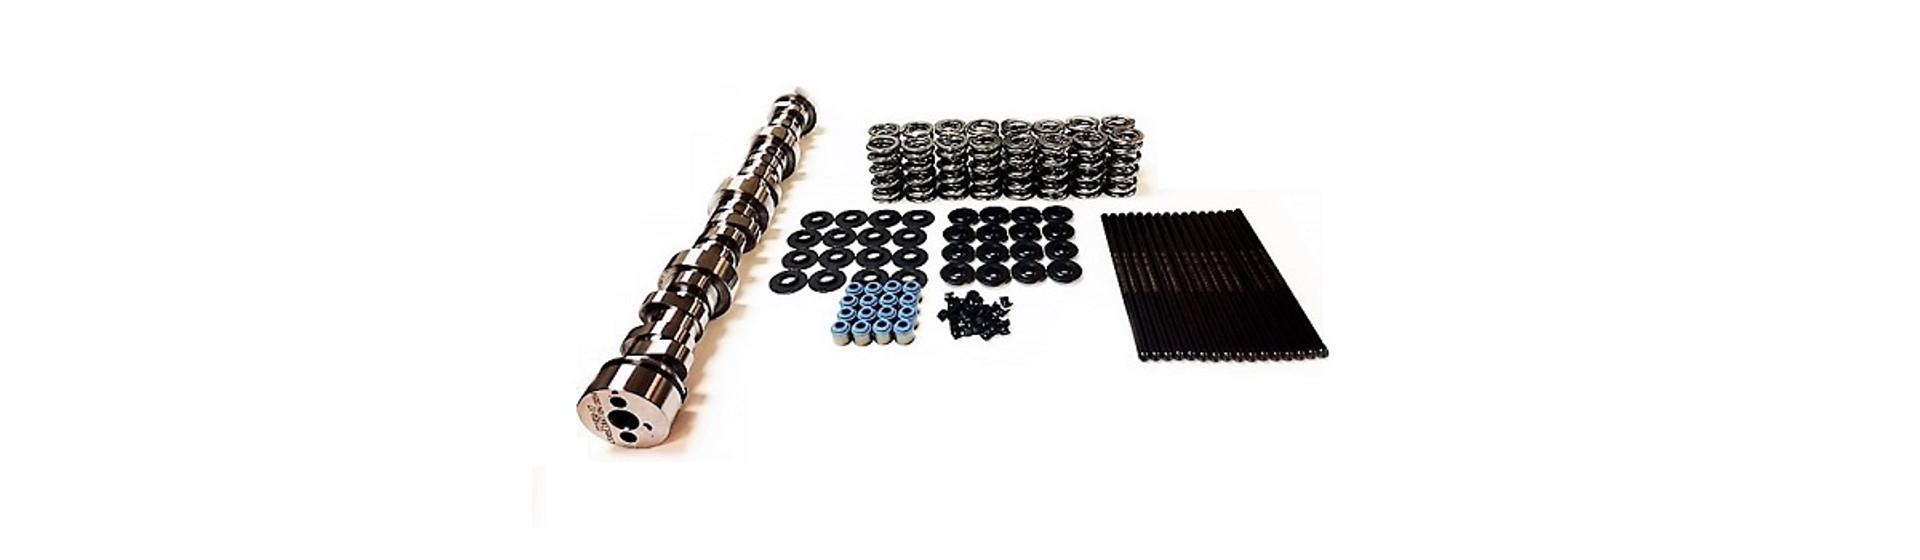 LSXceleration - LSX Performance Parts